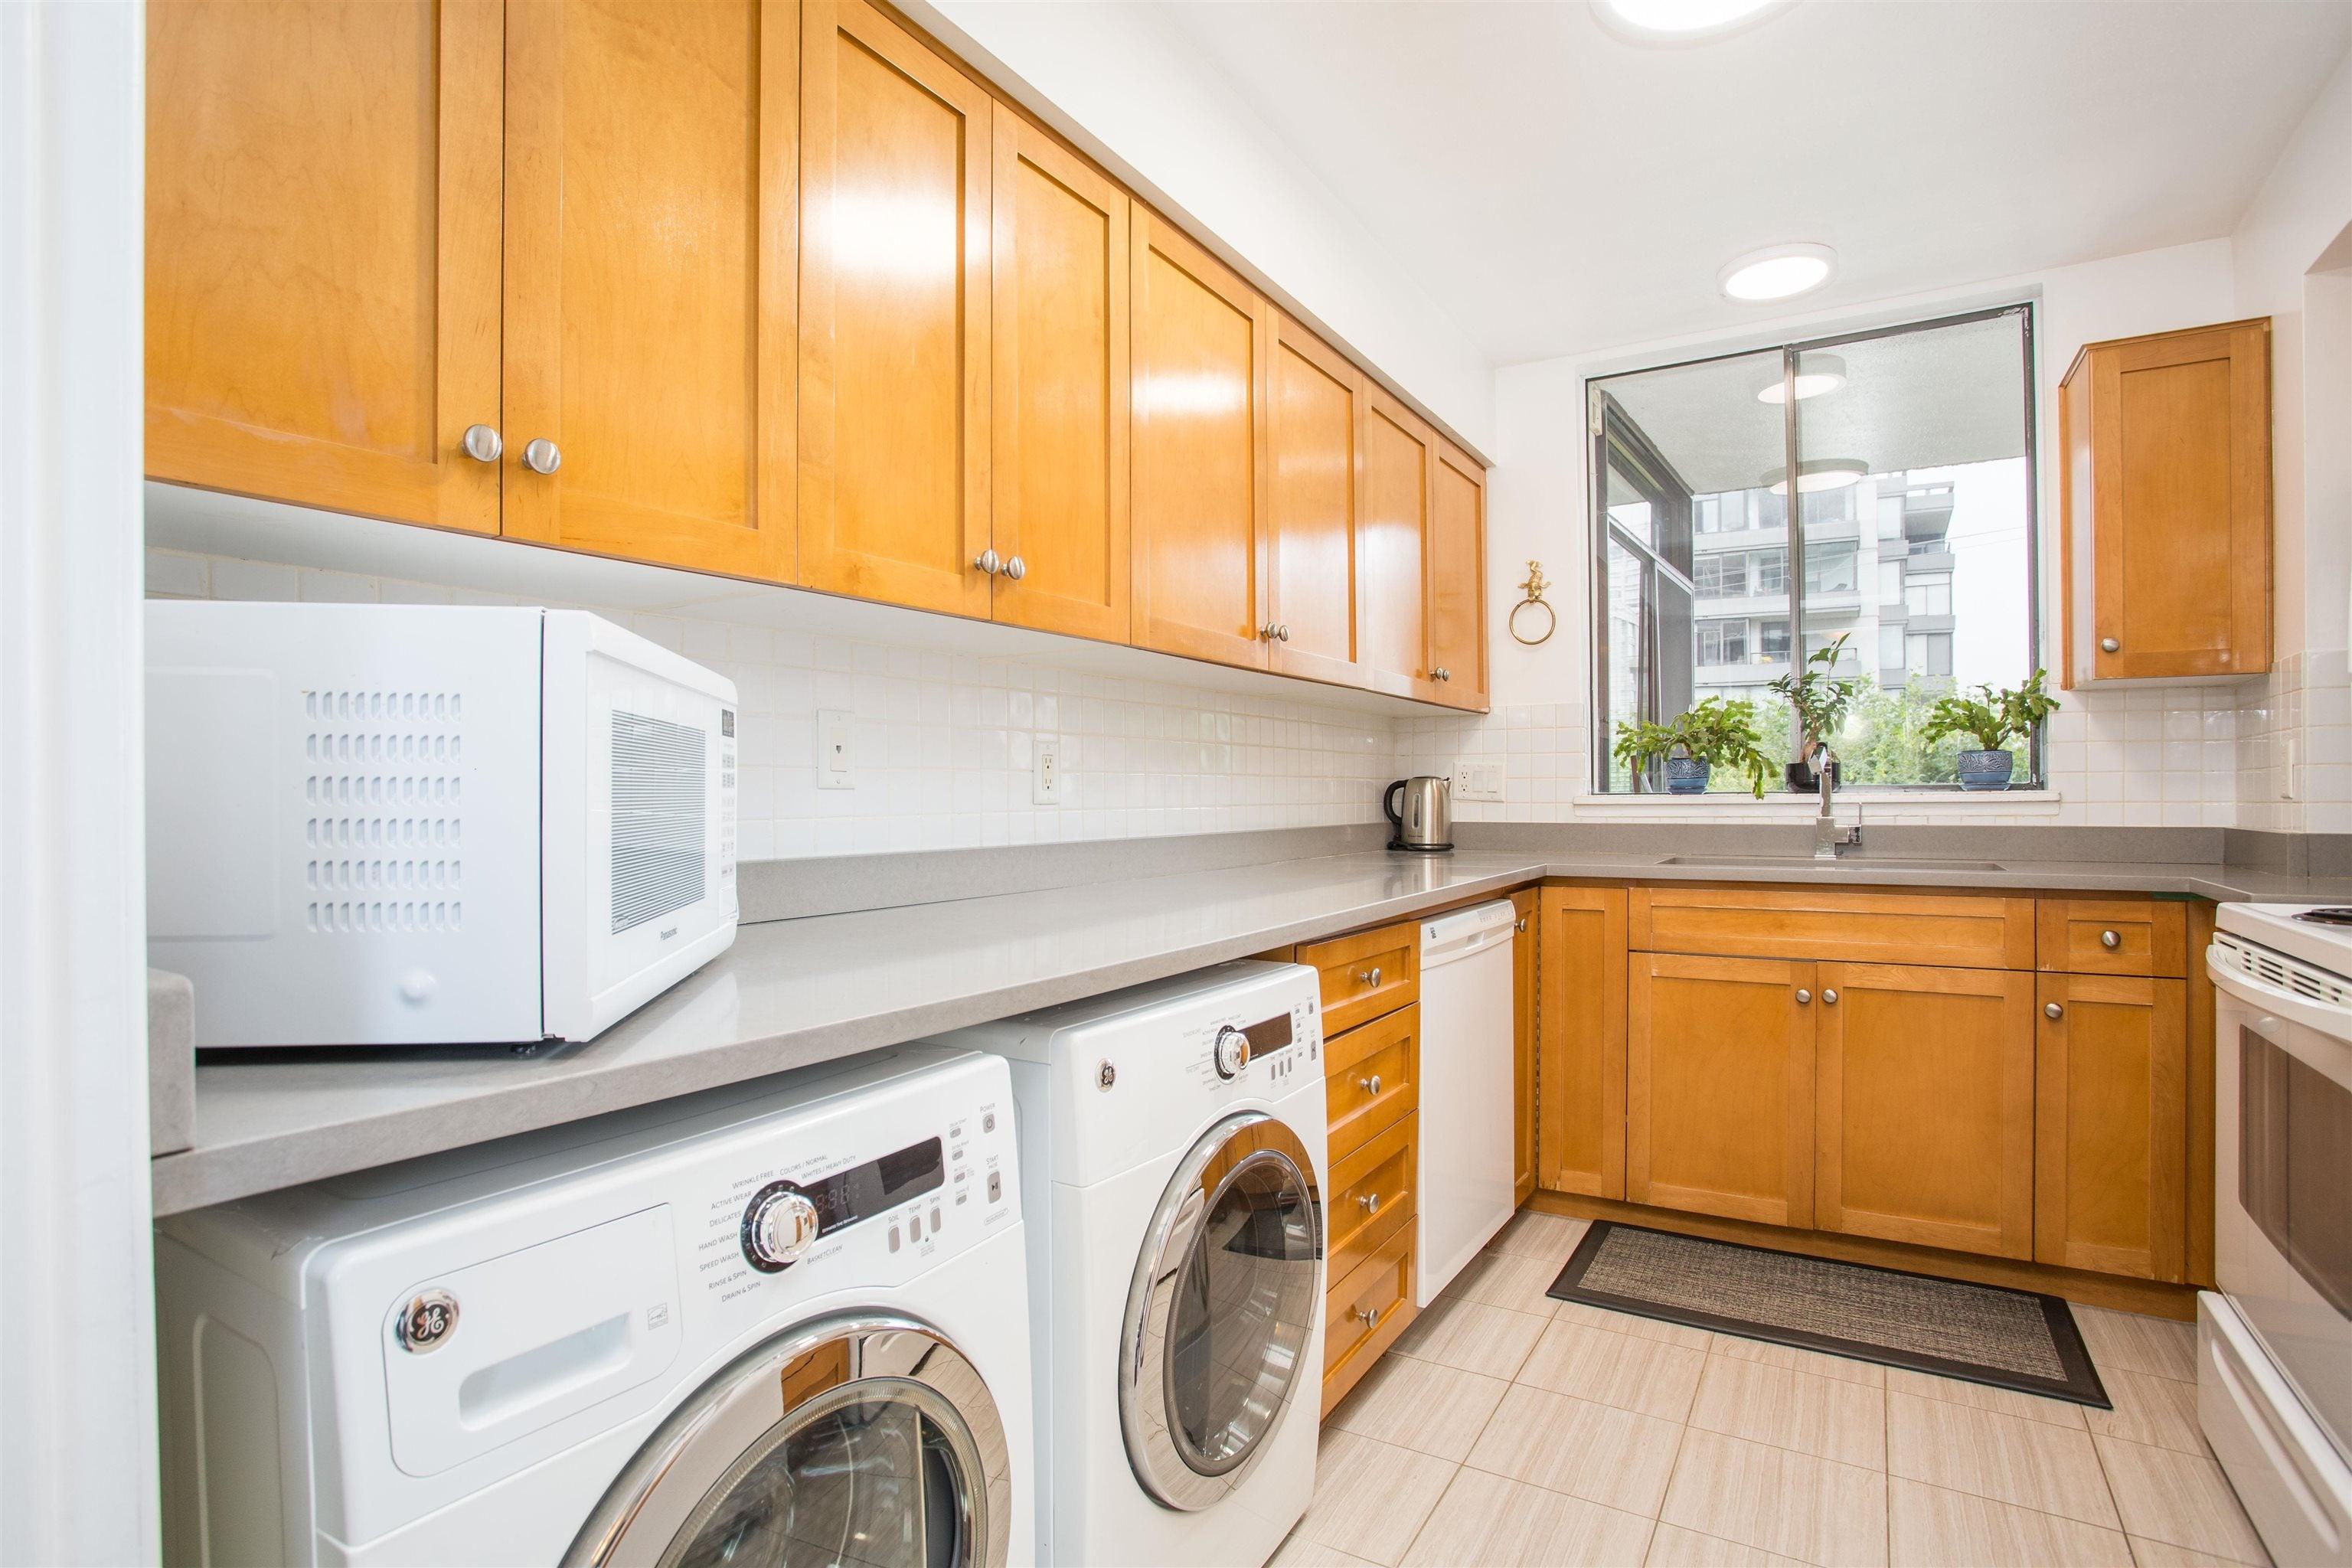 203 1390 DUCHESS AVENUE - Ambleside Apartment/Condo for sale, 1 Bedroom (R2611618) - #12